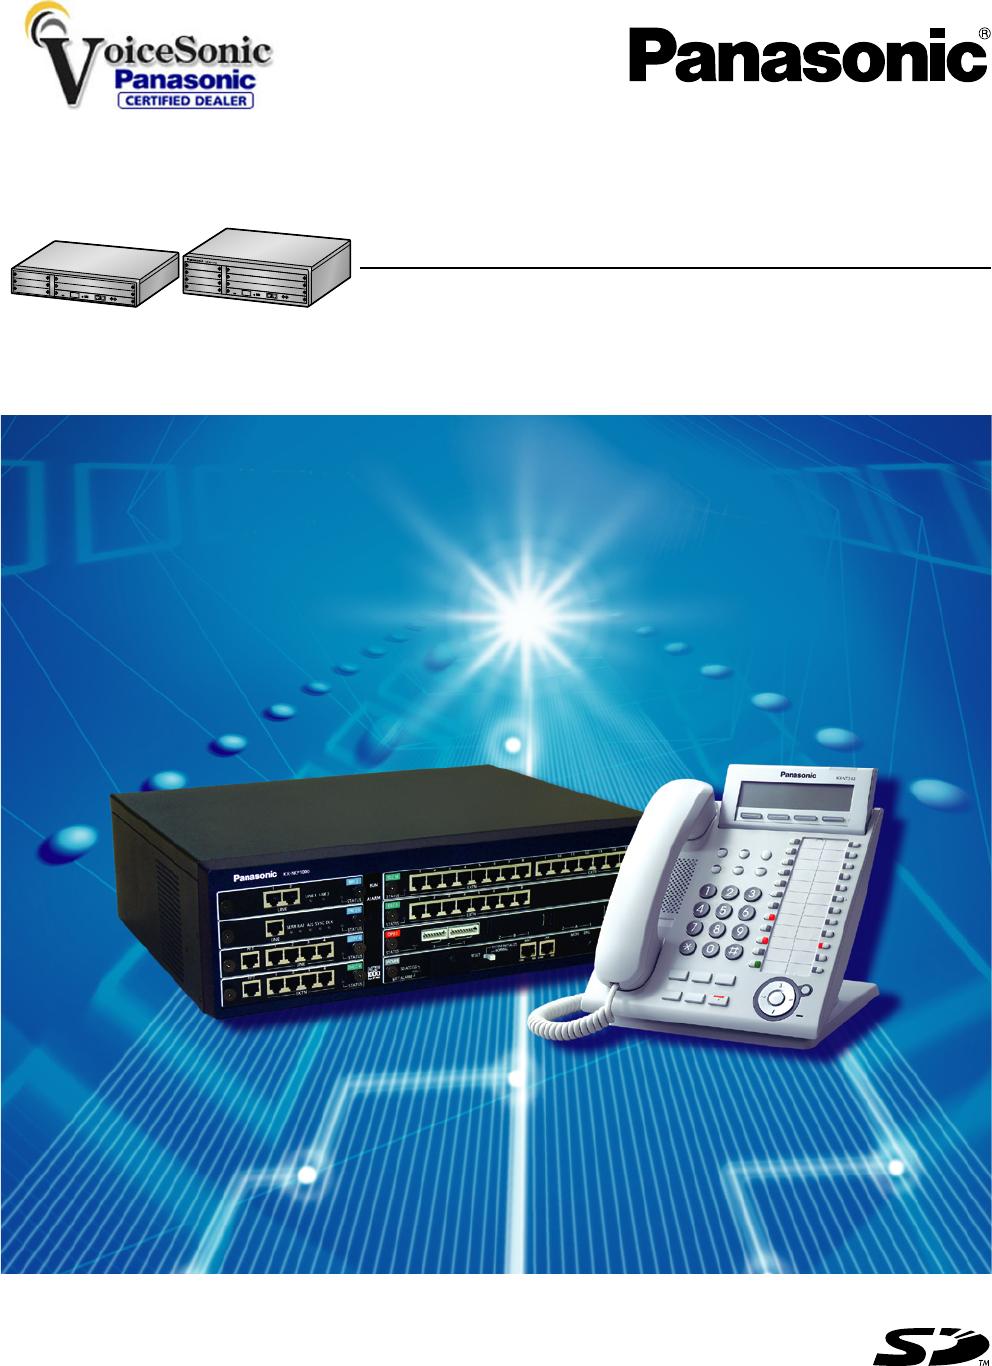 handleiding panasonic kx ncp500 pagina 1 van 142 english rh gebruikershandleiding com kx-ncp500 pc programming manual kx-ncp500 manual pdf